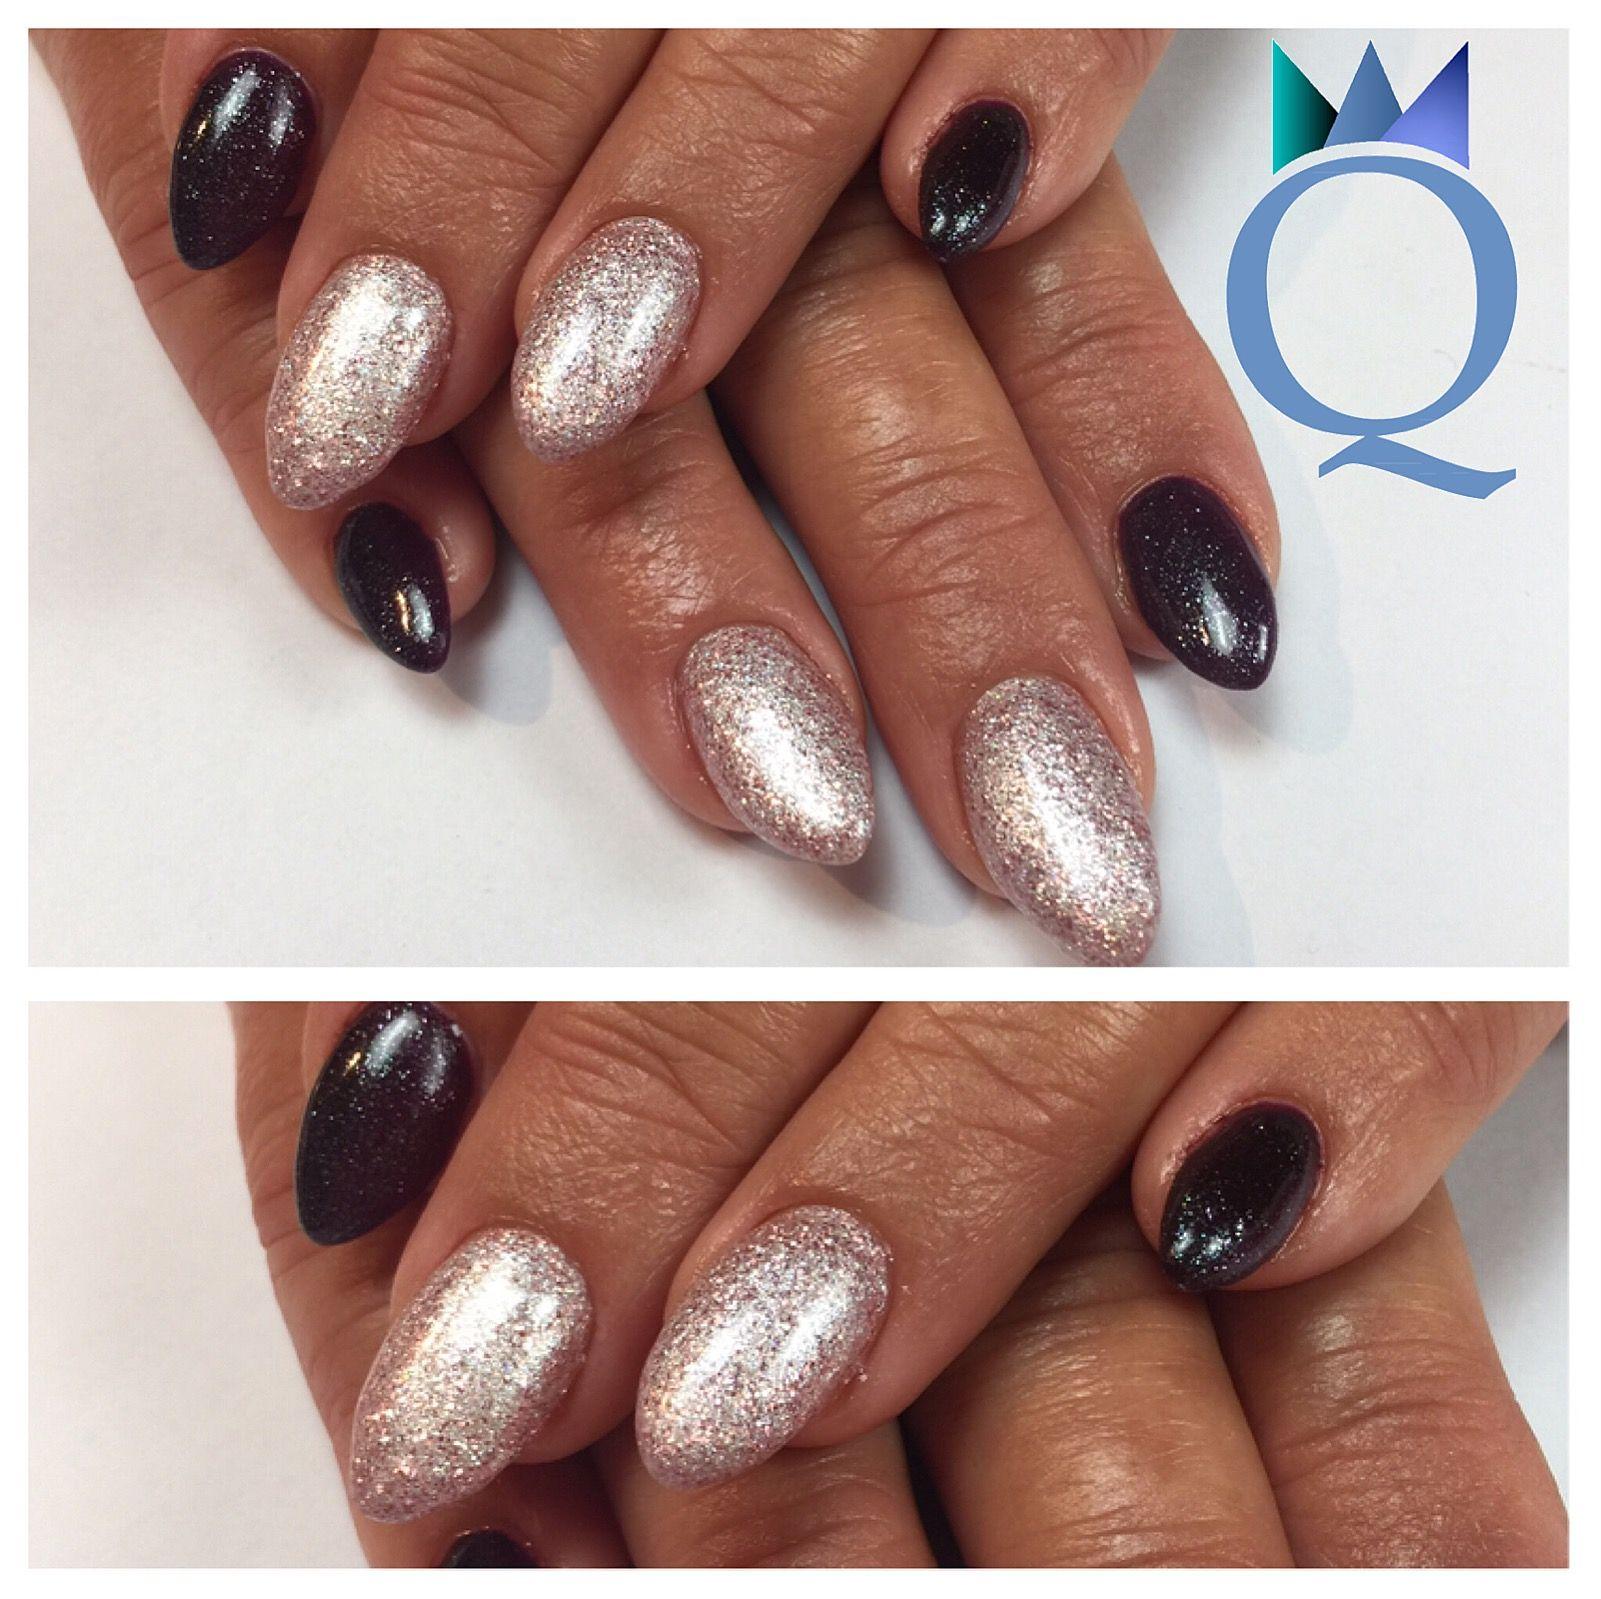 almondnails #gelnails #nails #darkpurple #white #glitter #mandelform ...